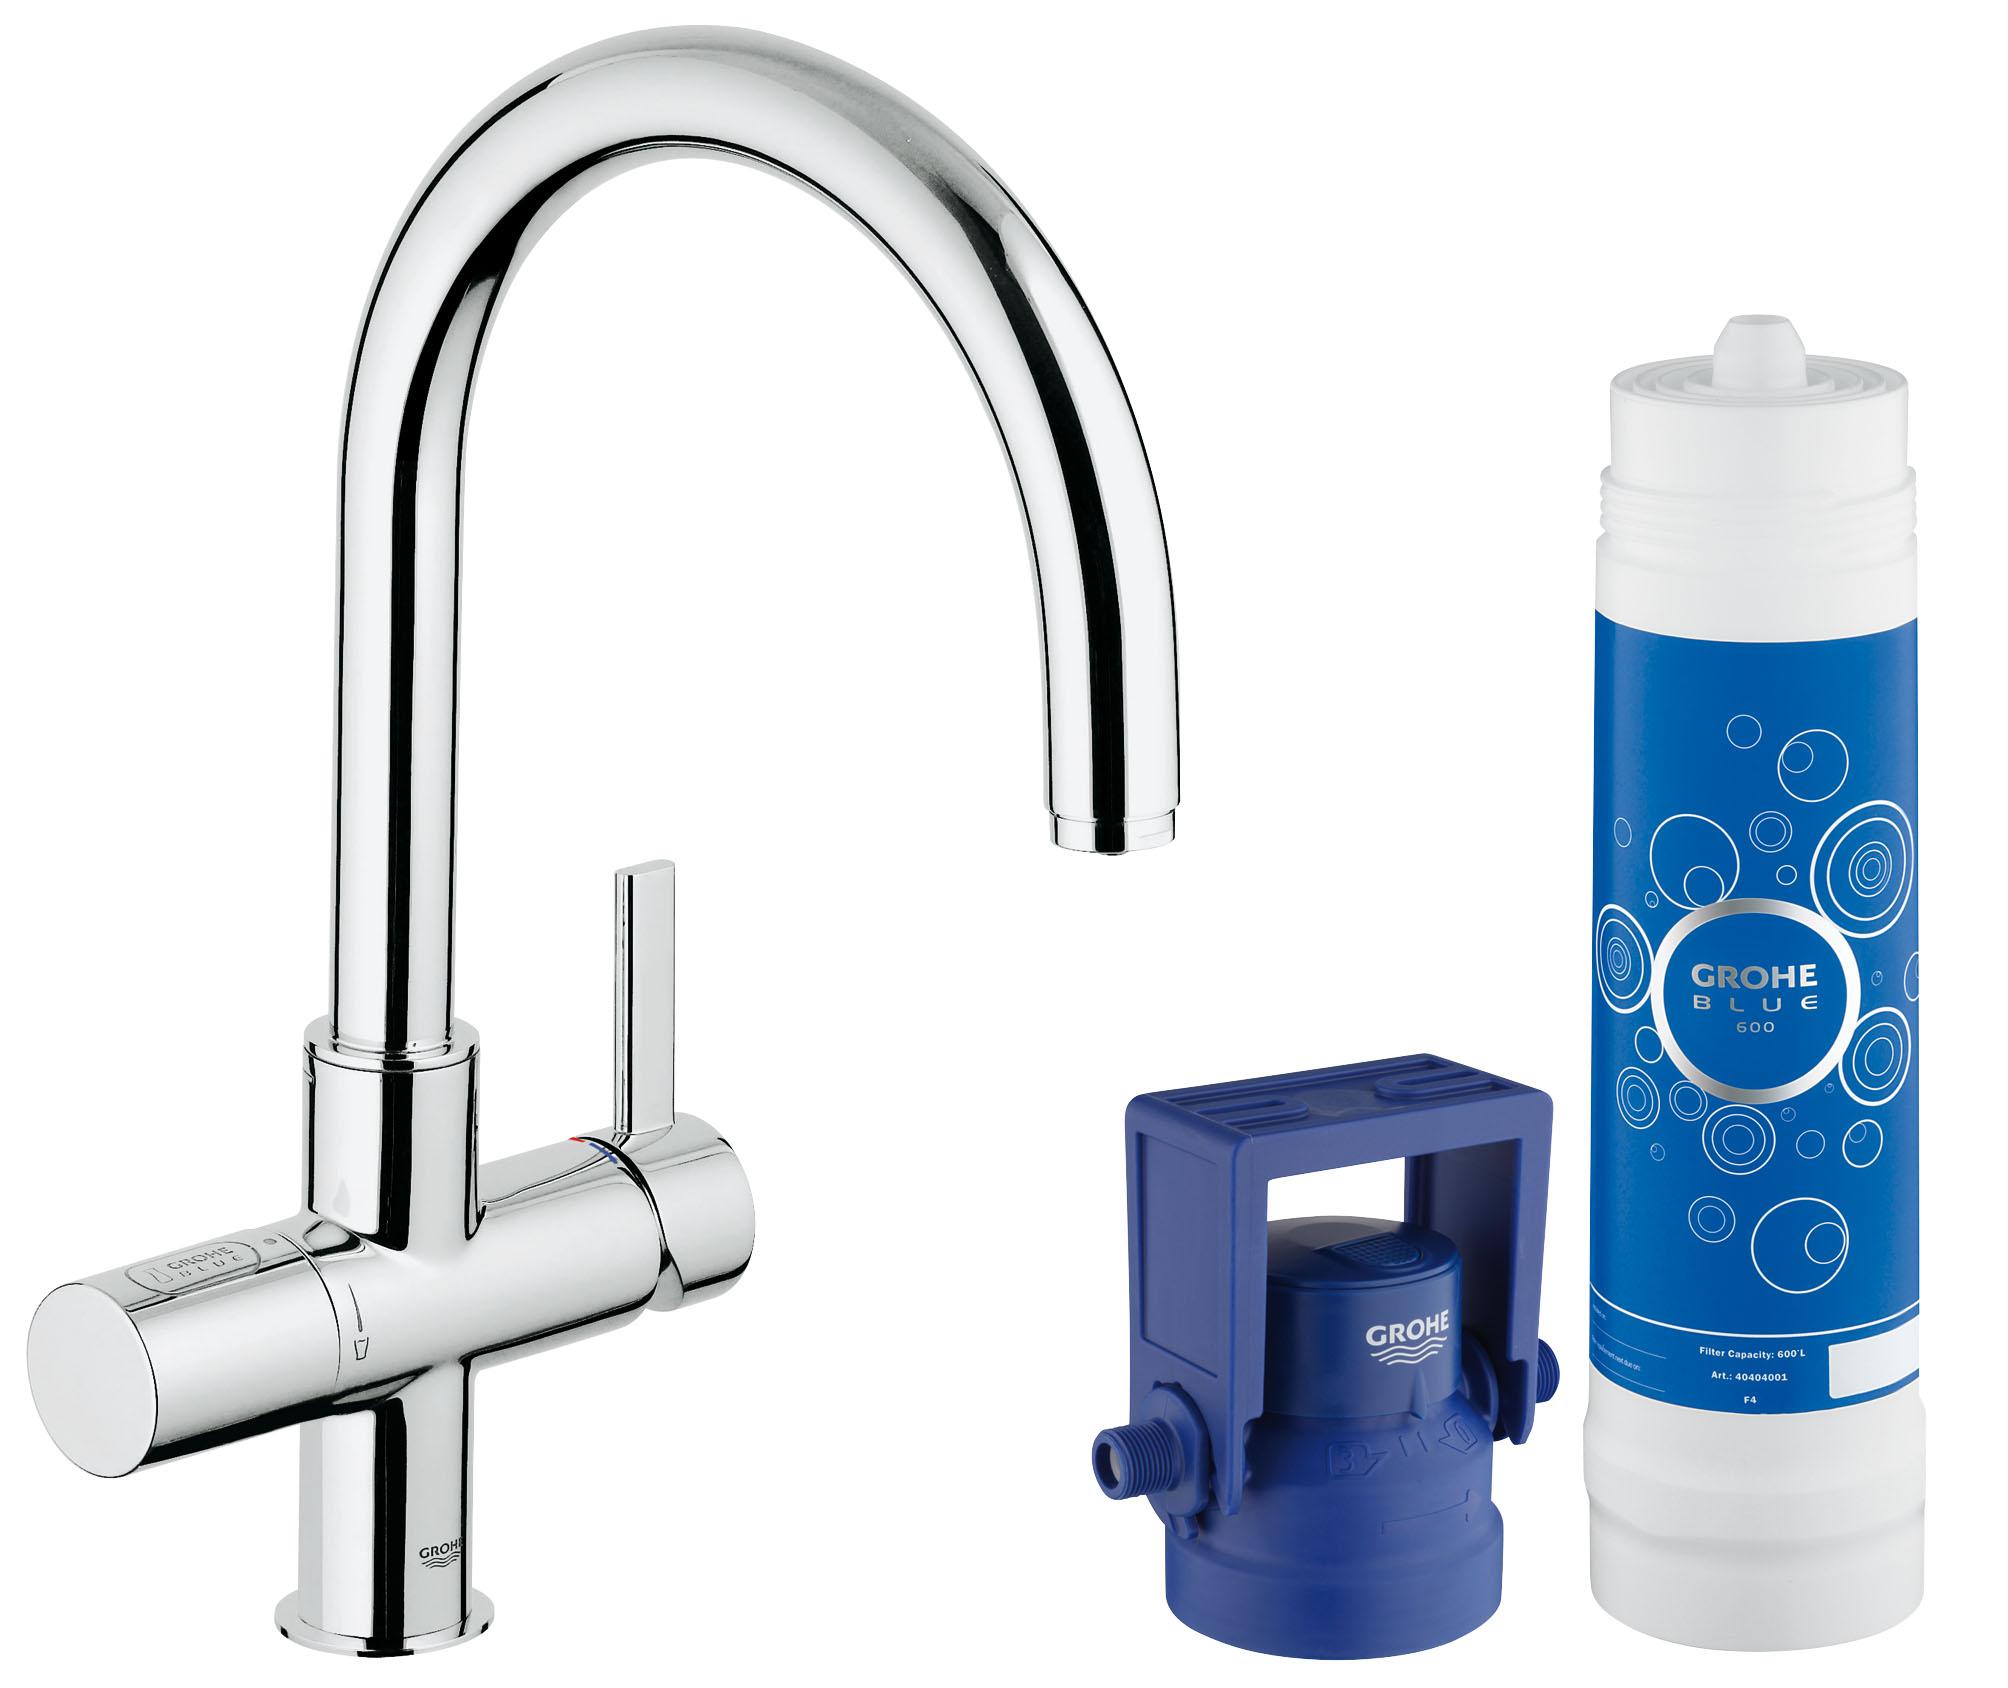 Встраиваемый фильтр Grohe Blue (33249001)33249001GROHE Blue Pure: система фильтрации воды, подающая свежую питьевую воду из-под кранаЭтот кухонный смеситель из серии GROHE Blue Pure превращает обычную водопроводную воду в чистую, свежую и пригодную для питья. Система фильтрации GROHE Blue Pure, которая активируется отдельным рычагом для подачи воды, очищает воду от нежелательных примесей, ухудшающих ее вкус и запах, включая хлор. Высокий излив, вращающийся в радиусе 180°, придает смесителю элегантный вид и позволяет с легкостью наполнять высокие графины очищенной питьевой водой прямо из-под крана. Технология GROHE SilkMove обеспечивает плавность регулировки напора воды при минимуме усилий. Разумеется, данный смеситель GROHE Pure Duo также выполняет все функции обычного кухонного смесителя. Благодаря хромированному покрытию GROHE StarLight, которое придает ему долговечность и износостойкость, этот сияющий смеситель всегда будет центром внимания в интерьере Вашей кухни.Особенности:Включает в себя:GROHE Blue Смеситель однорычажный для мойки с функцией очистки водопроводной водыМонтаж на одно отверстиеC-изливОтдельная рукоятка для фильтрованной водыКерамический вентиль 1/2?GROHE SilkMove керамический картридж 35 ммРегулировка расхода водыGROHE StarLight хромированная поверхность Поворотный трубкообразный изливПоворот излива на 180°Отдельные водотоки для питьевой и Водопроводной воды Гибкая подводкаТип защиты IP 21Одобрено в СE Для LED индикатора расхода фильтра используется сетевое напряжение 100-240 В AC 50/60 Гц, которое преобразуется в безопасное сверхнизкое напряжение 6 В DC Регулируется для фильтров на 600 л, 1500 л или 3000 лGROHE Blue фильтр на 600 лGROHE Blue регулируемая головка фильтра Класс шума I по DIN 4109